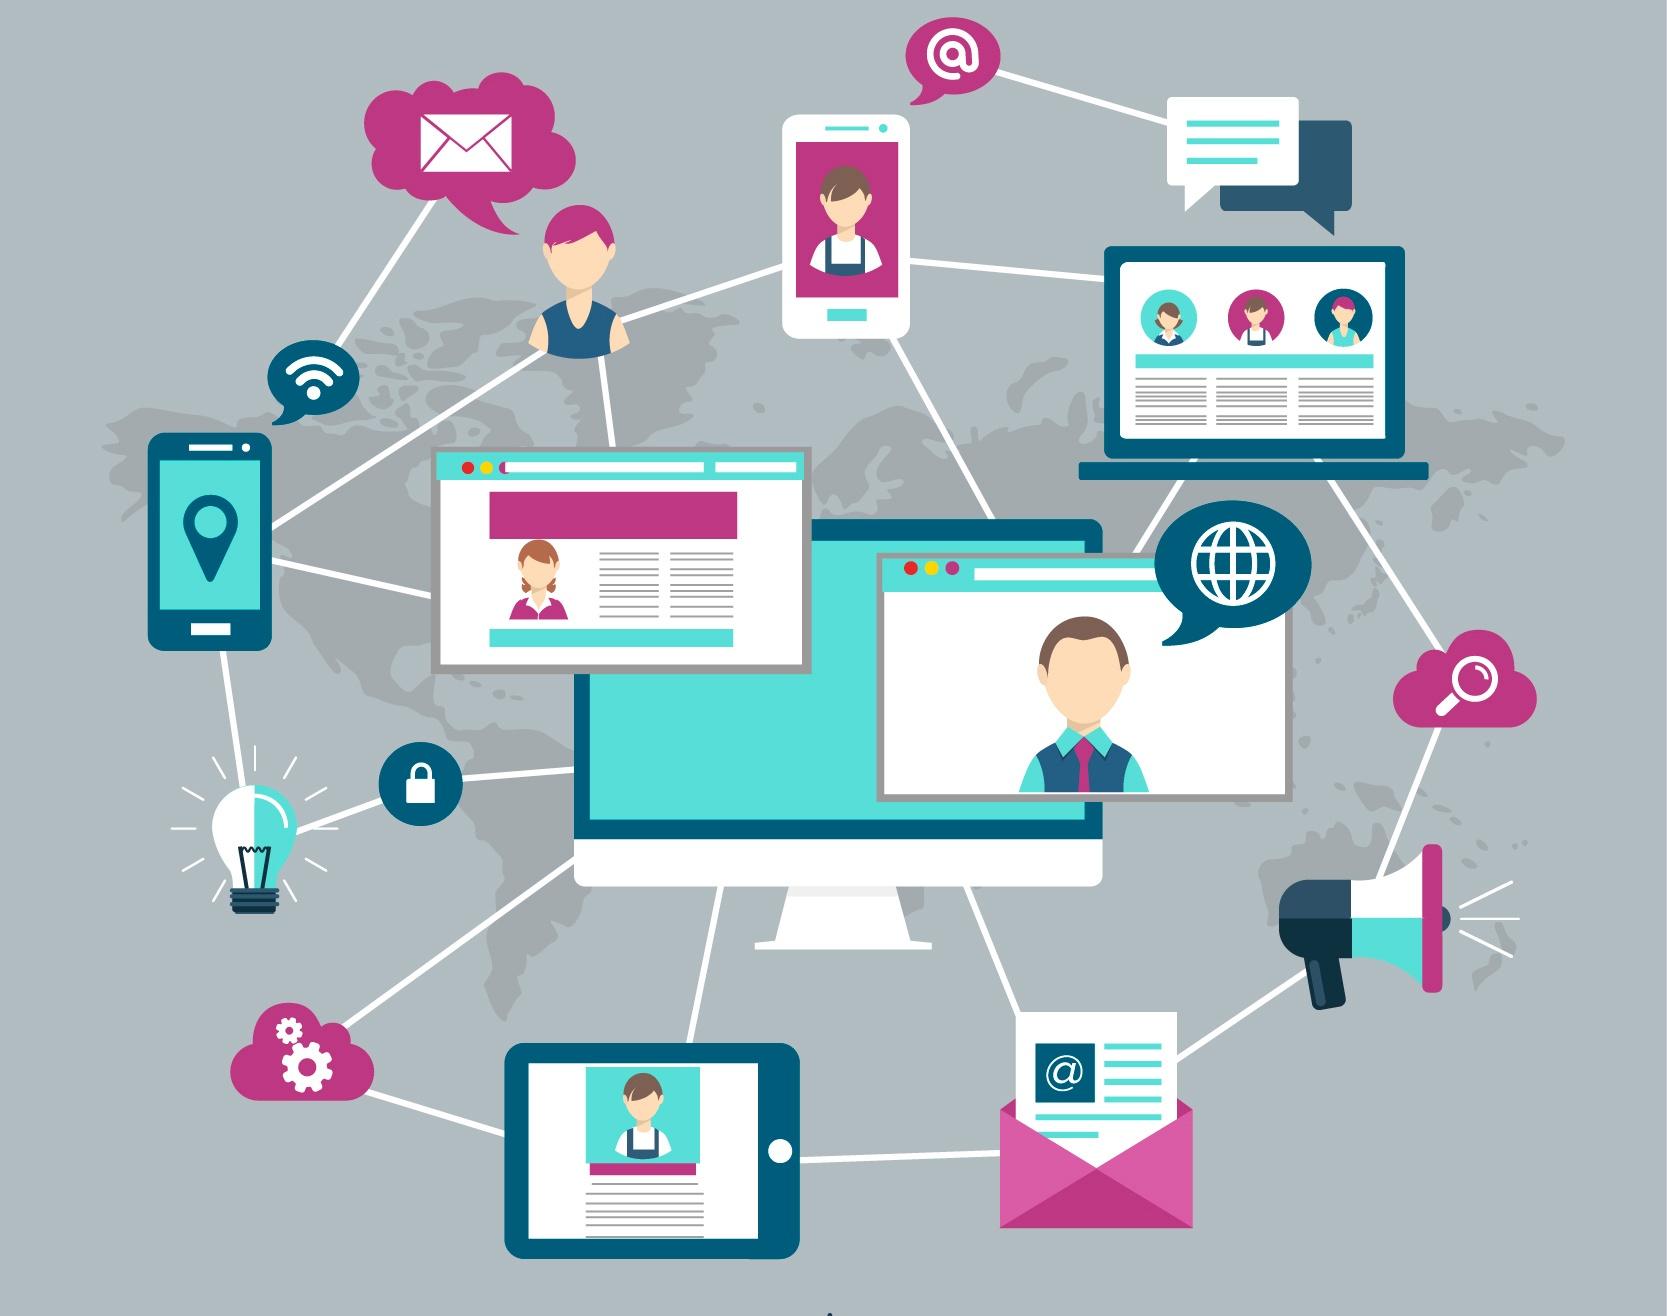 أبرز الأمور التي يجب أن تعرفها حول التسويق عبر الانستقرام